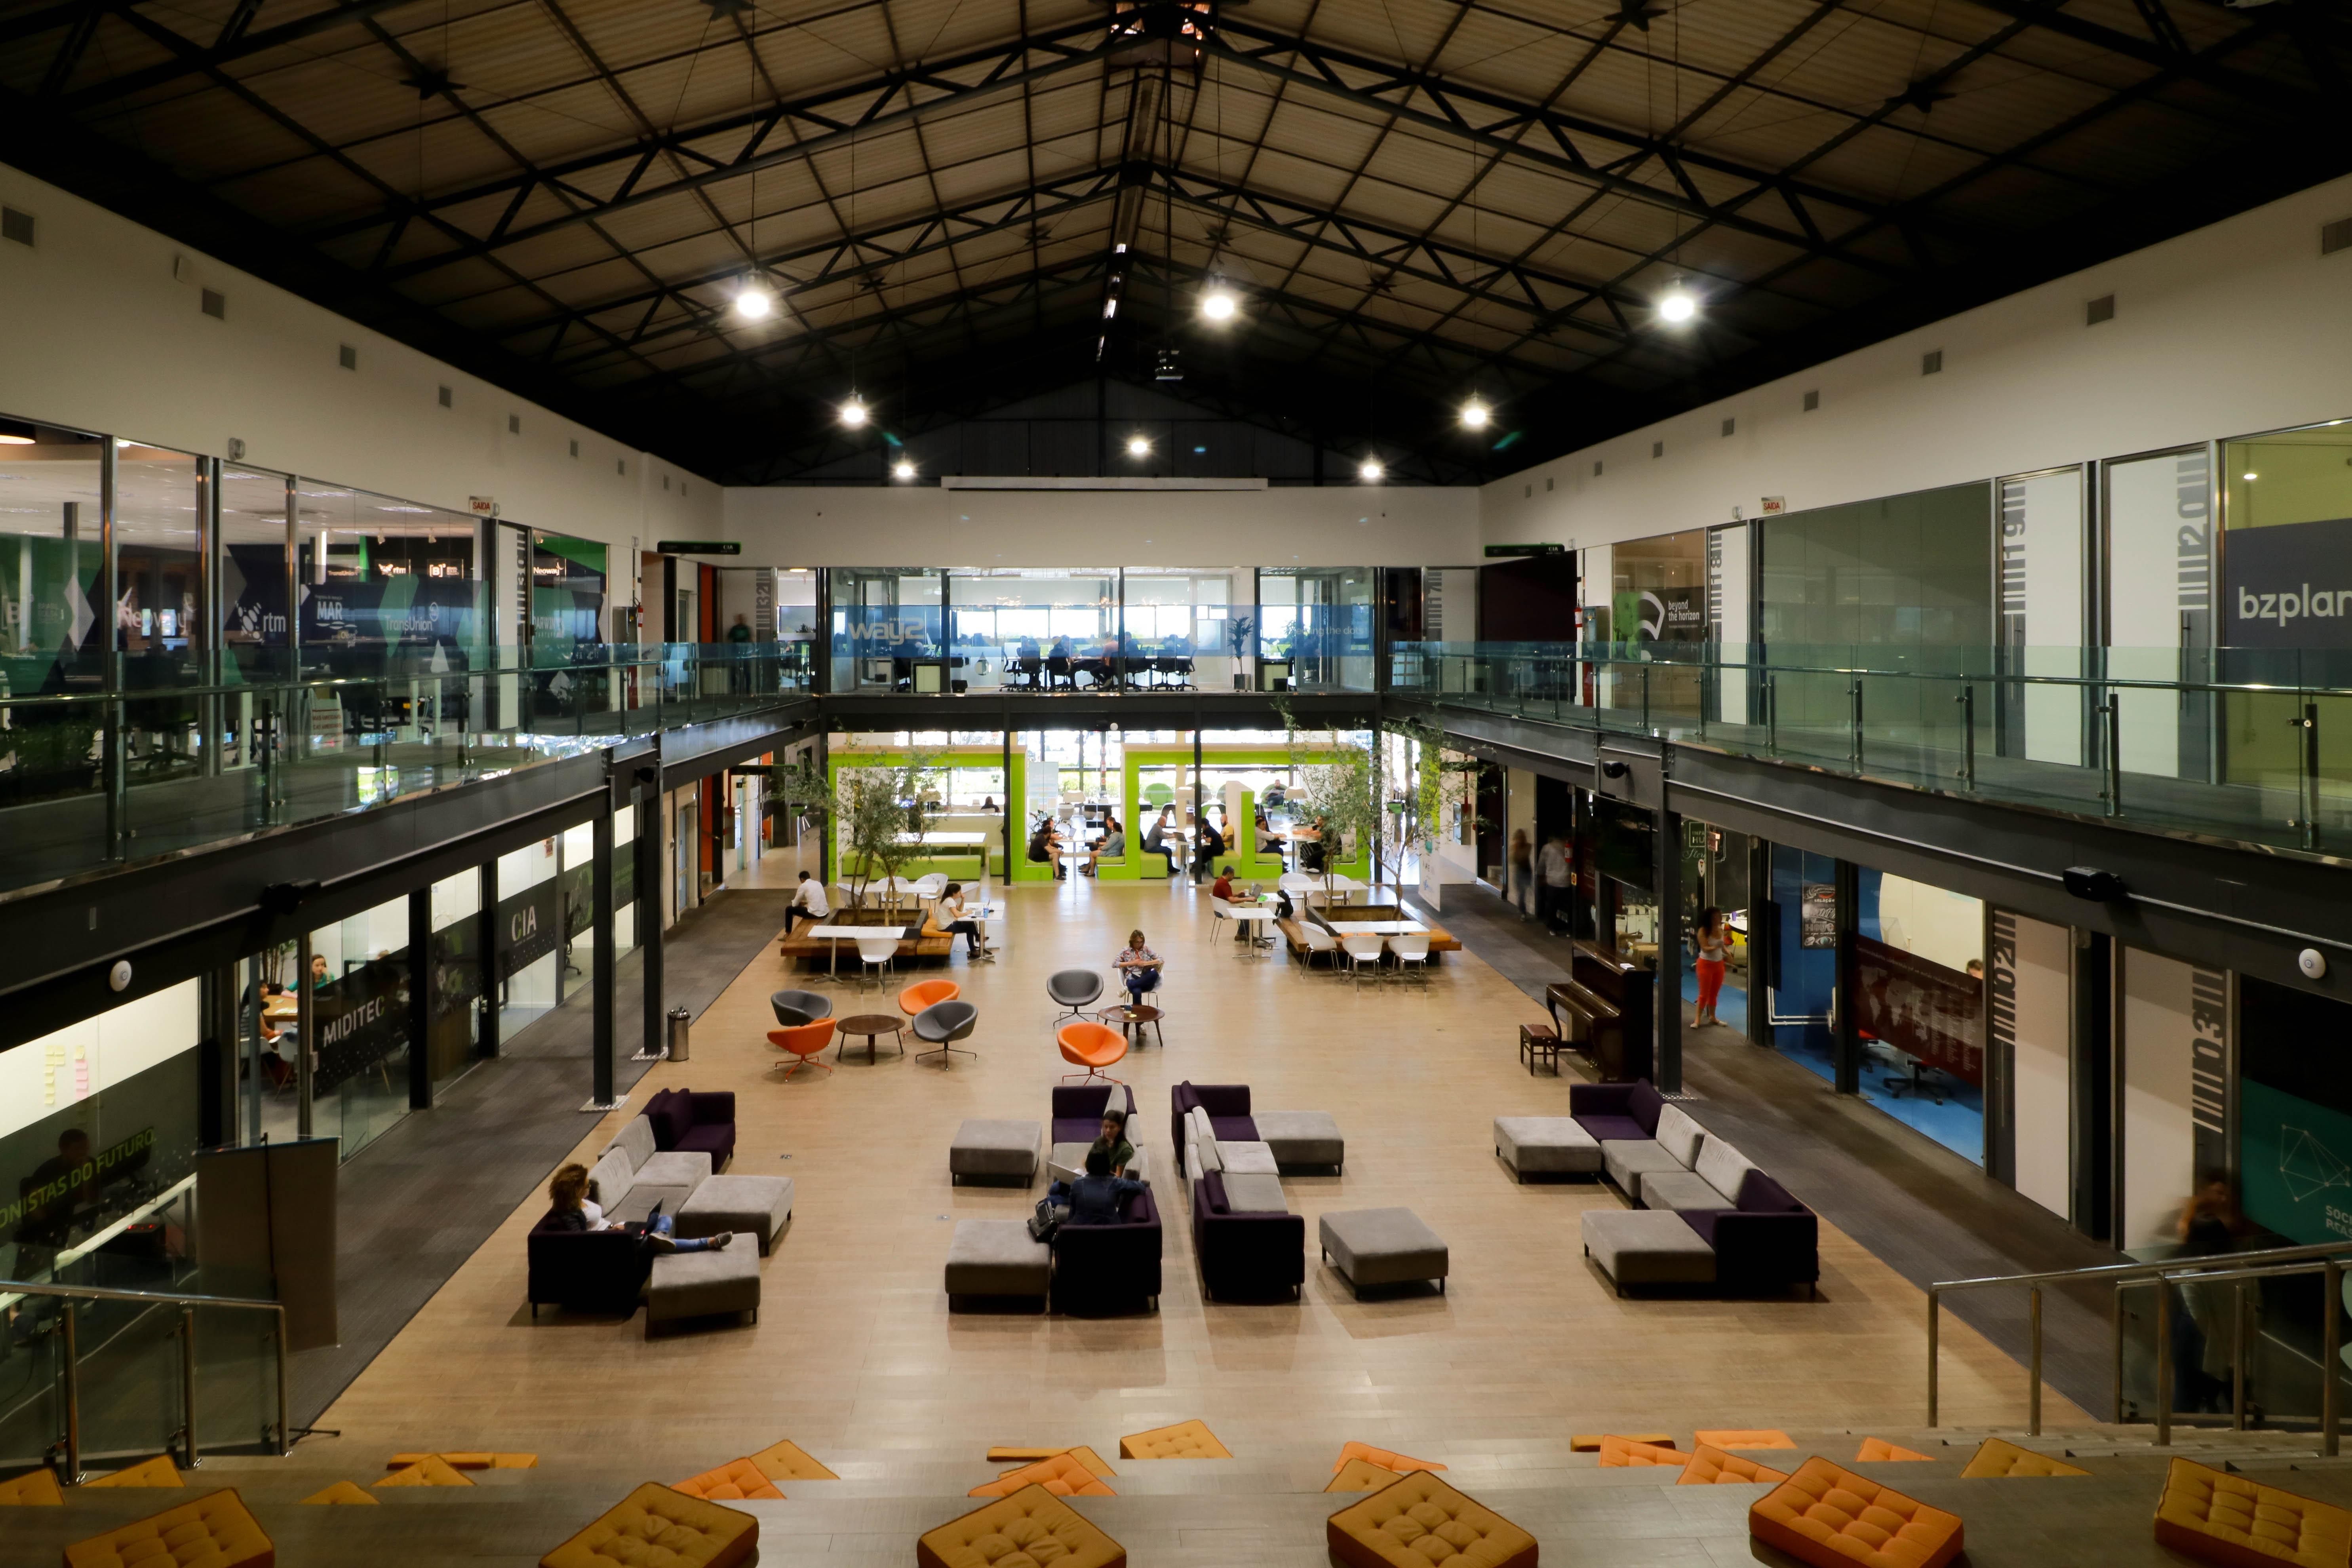 VIA Apresenta Habitats De Inovação De Florianópolis à Grupo Do TRT-SC